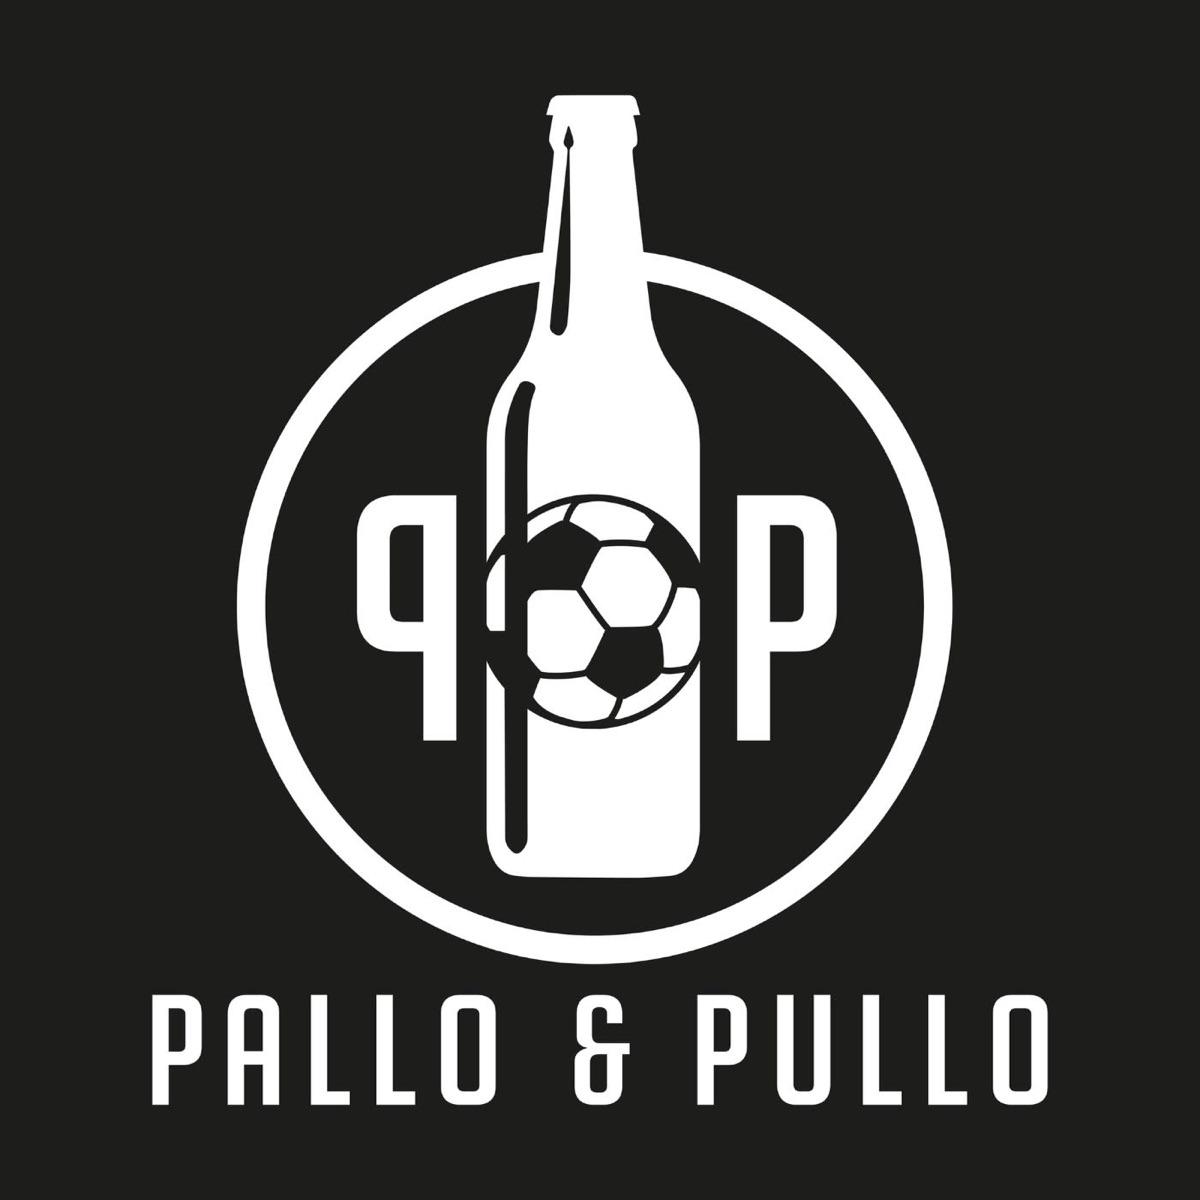 Pallo & Pullo Podcast